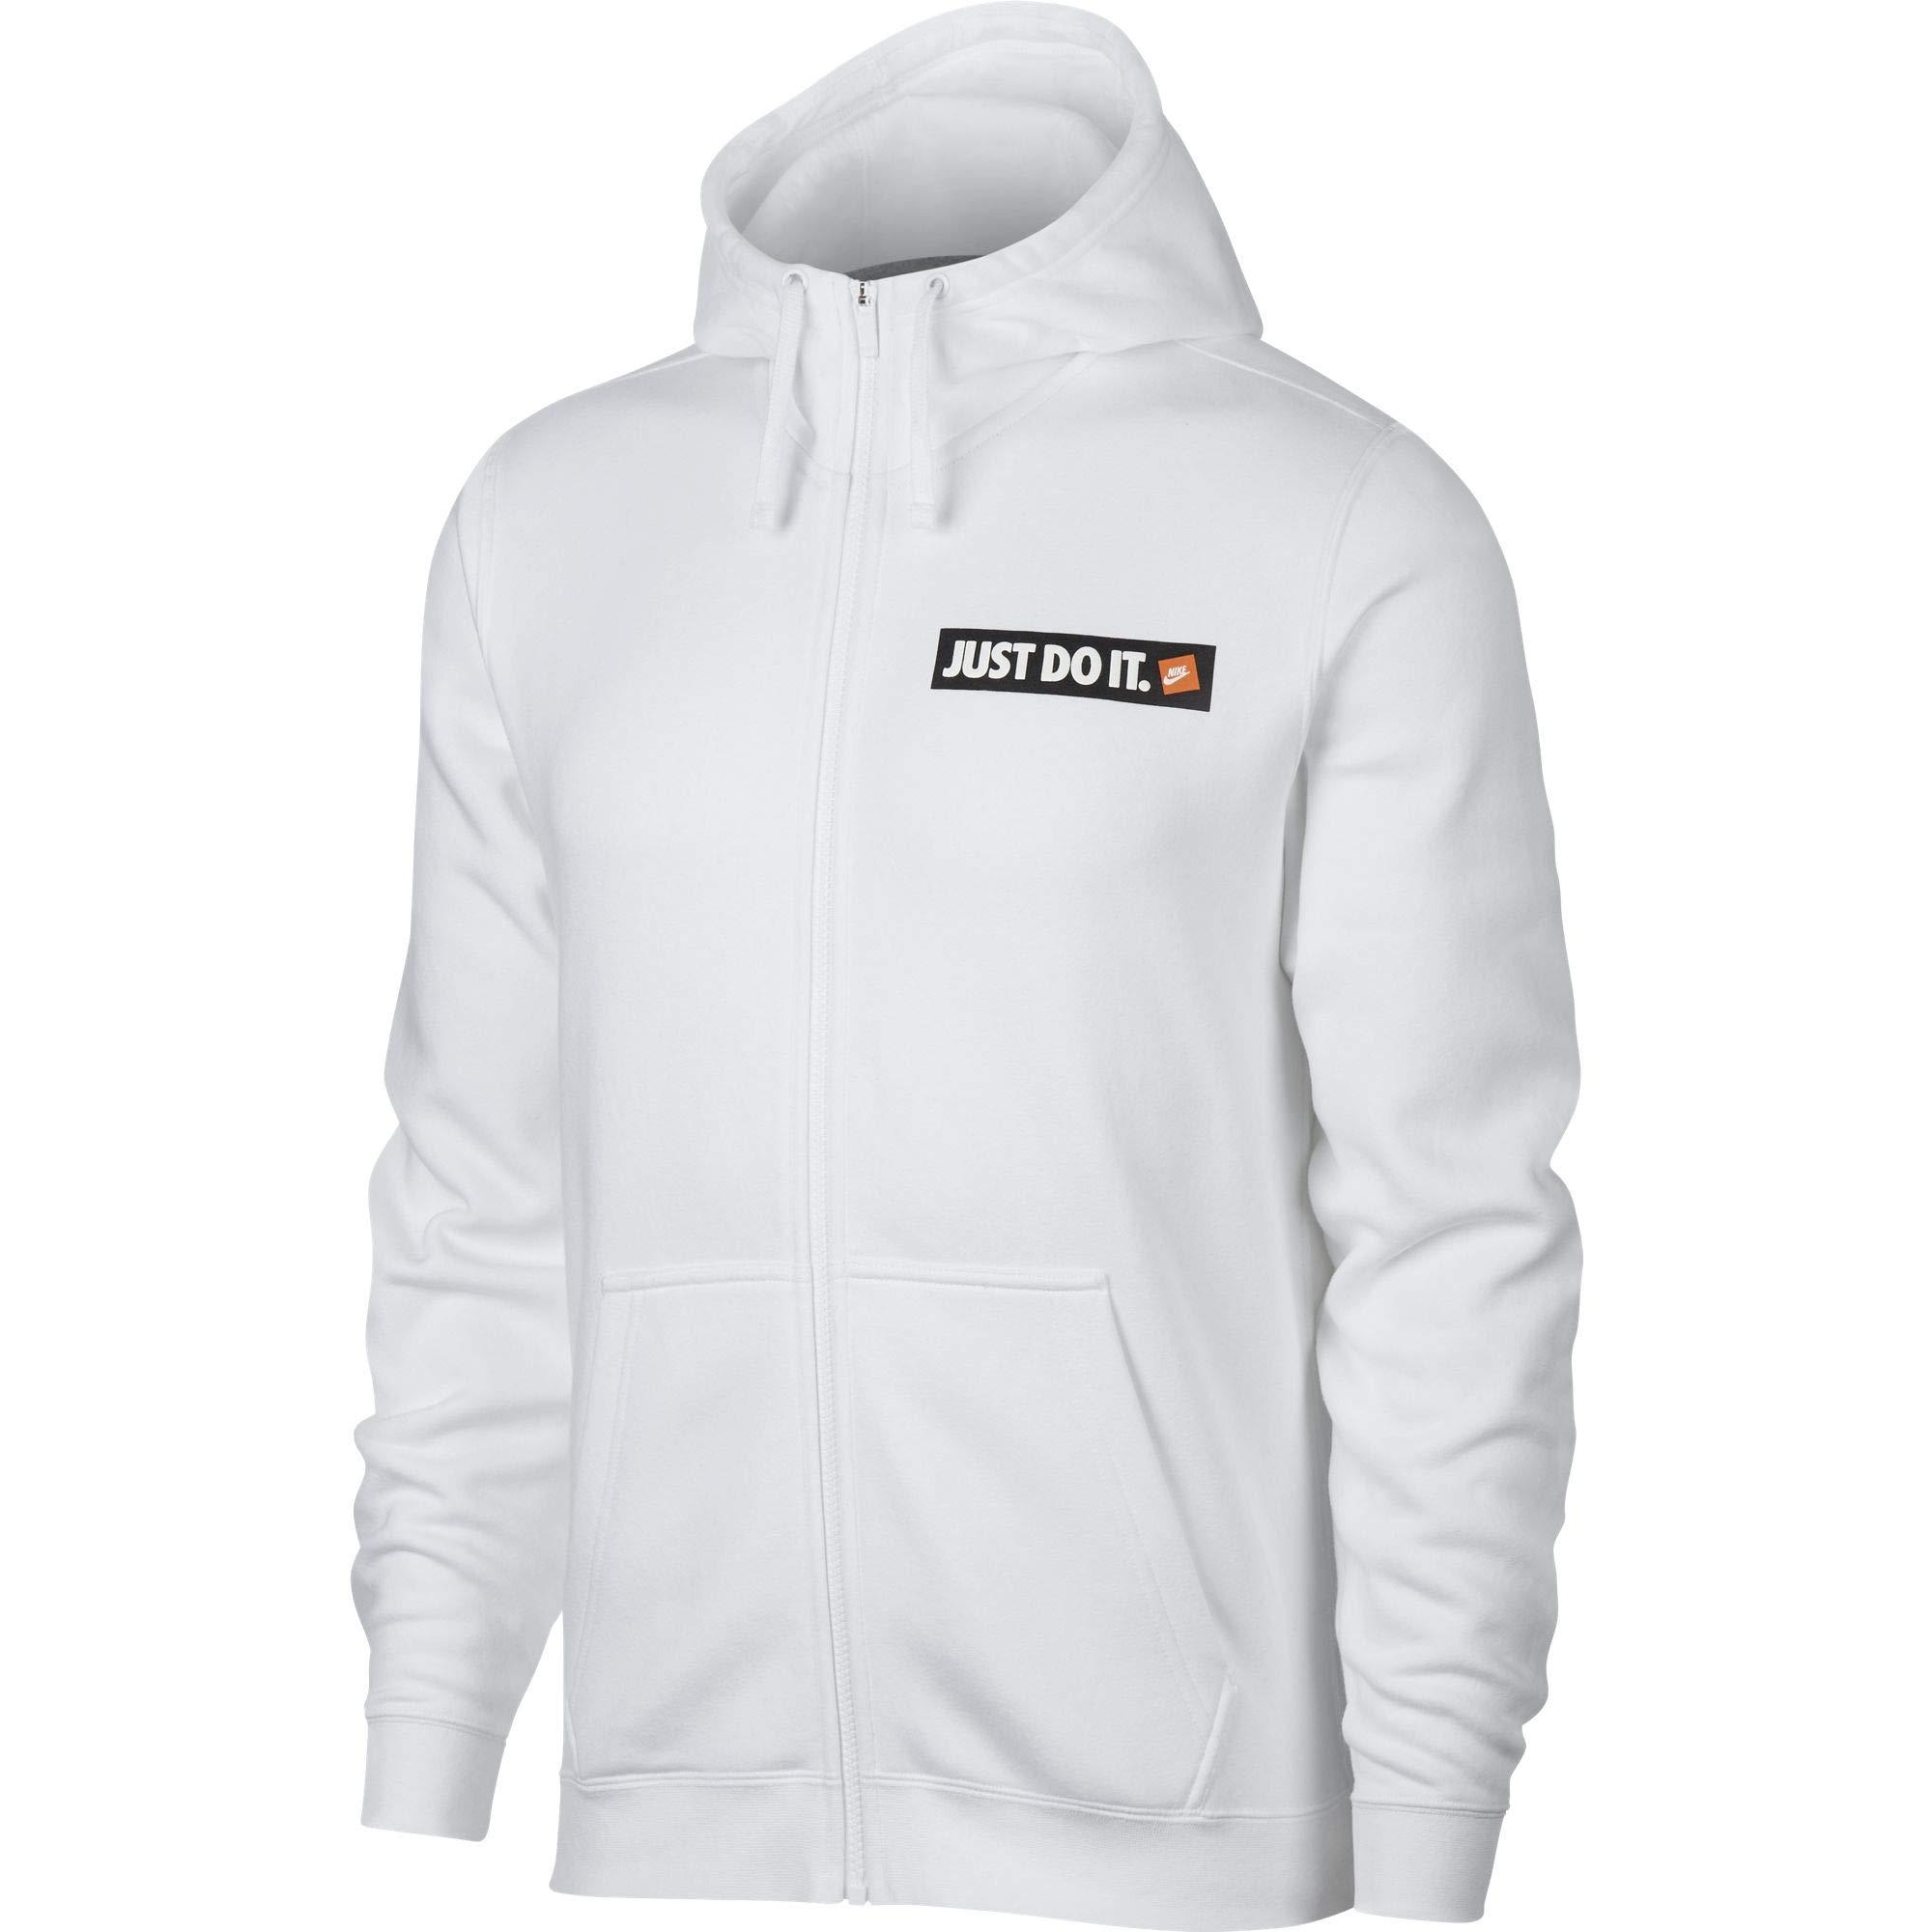 Nike Men's Sportswear Full-Zip Fleece Hoodie White (X-Large)